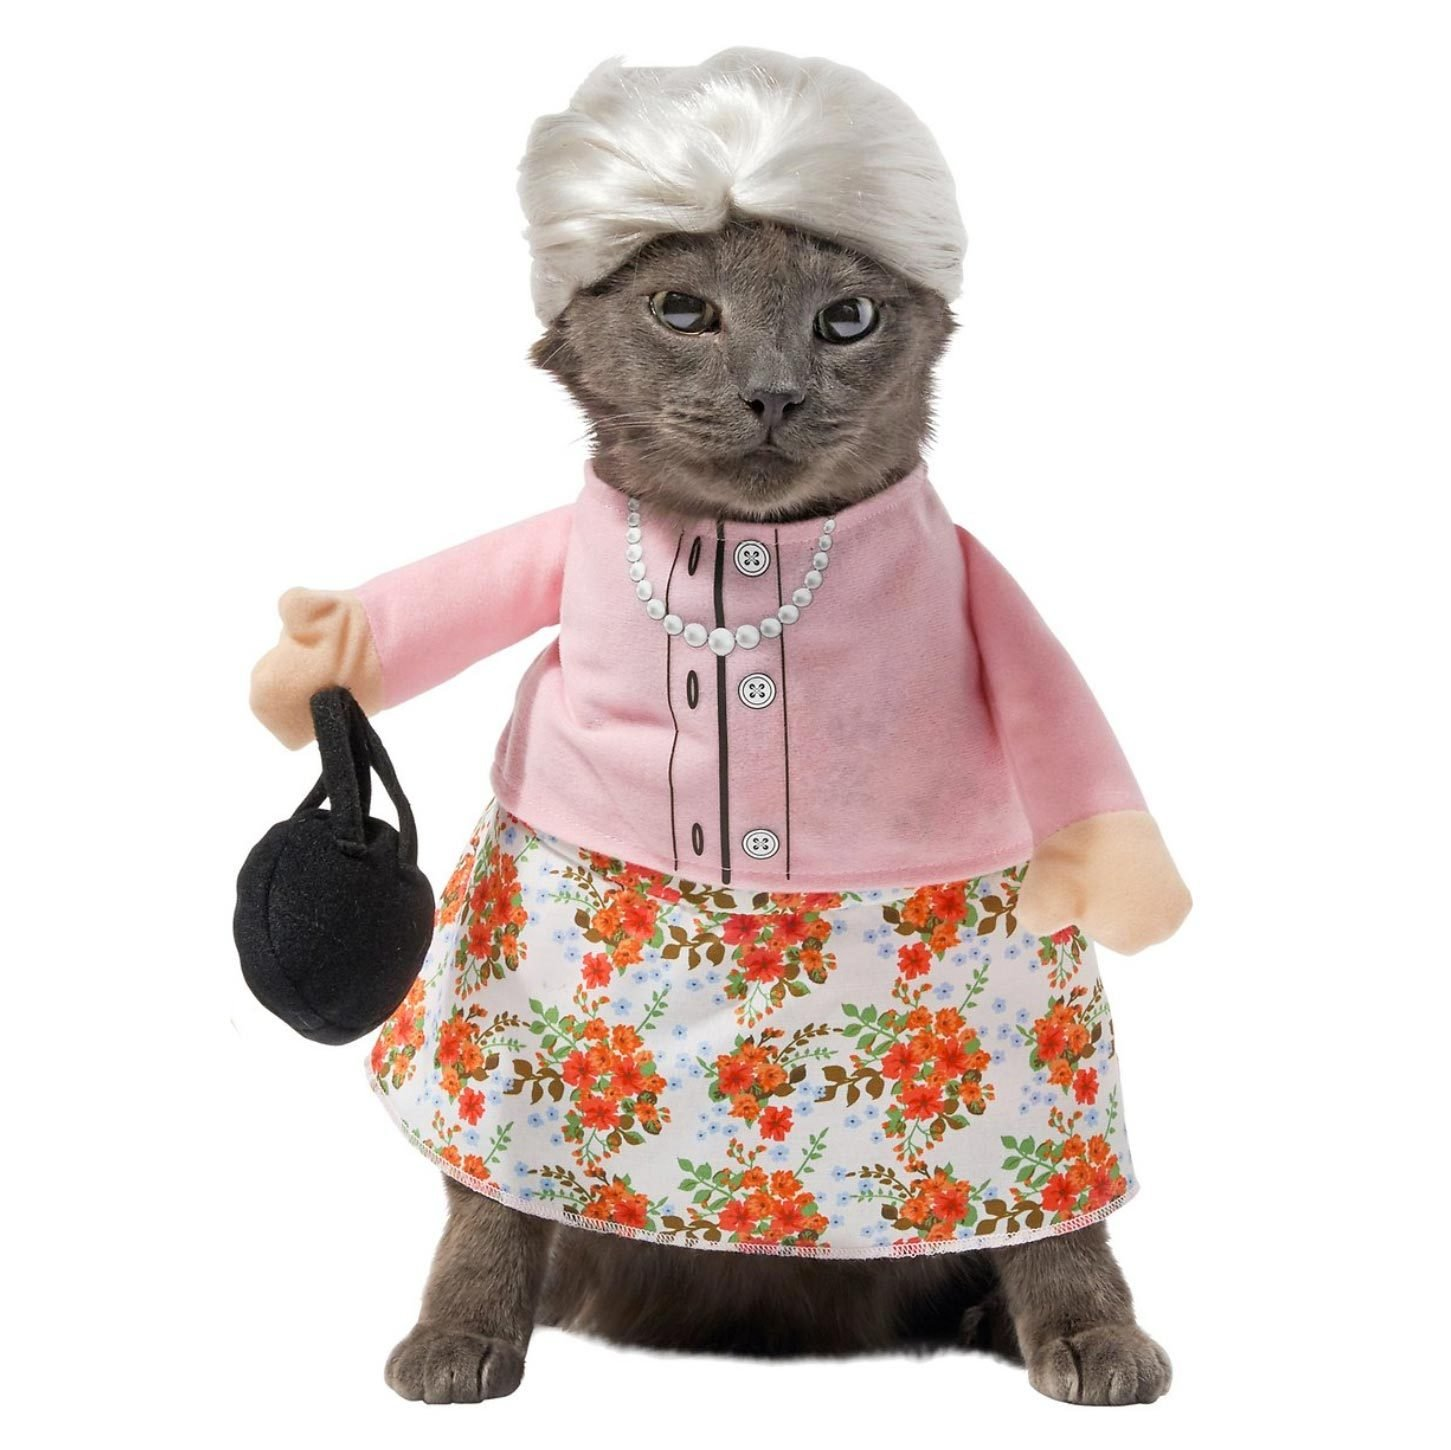 granny cat costume